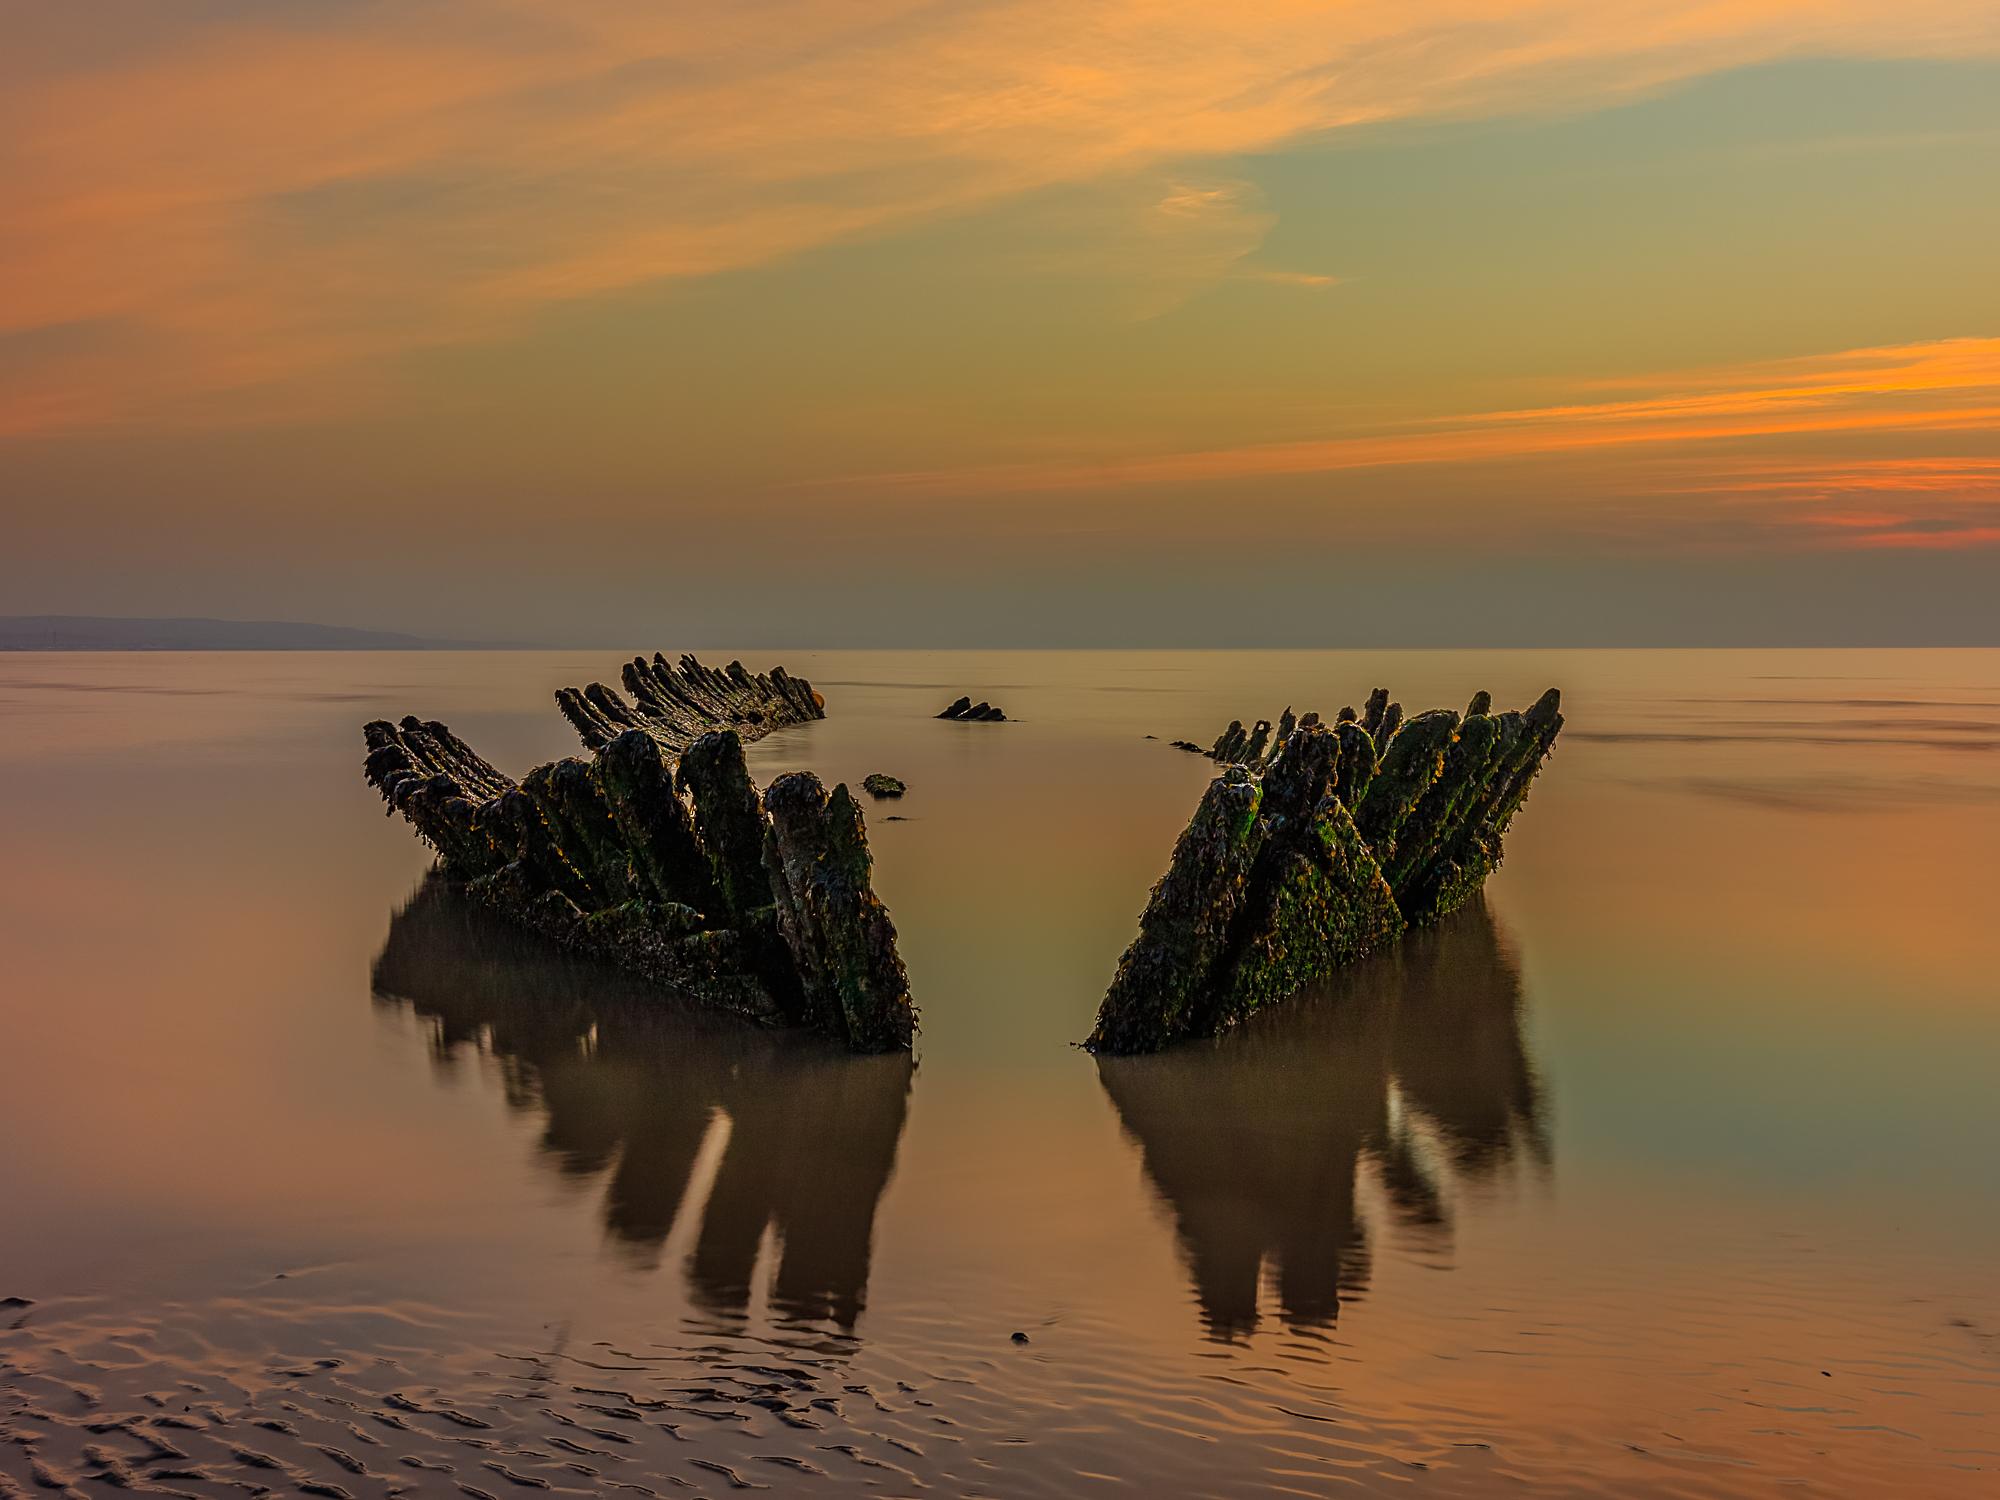 SS Nornen, Berrow beach